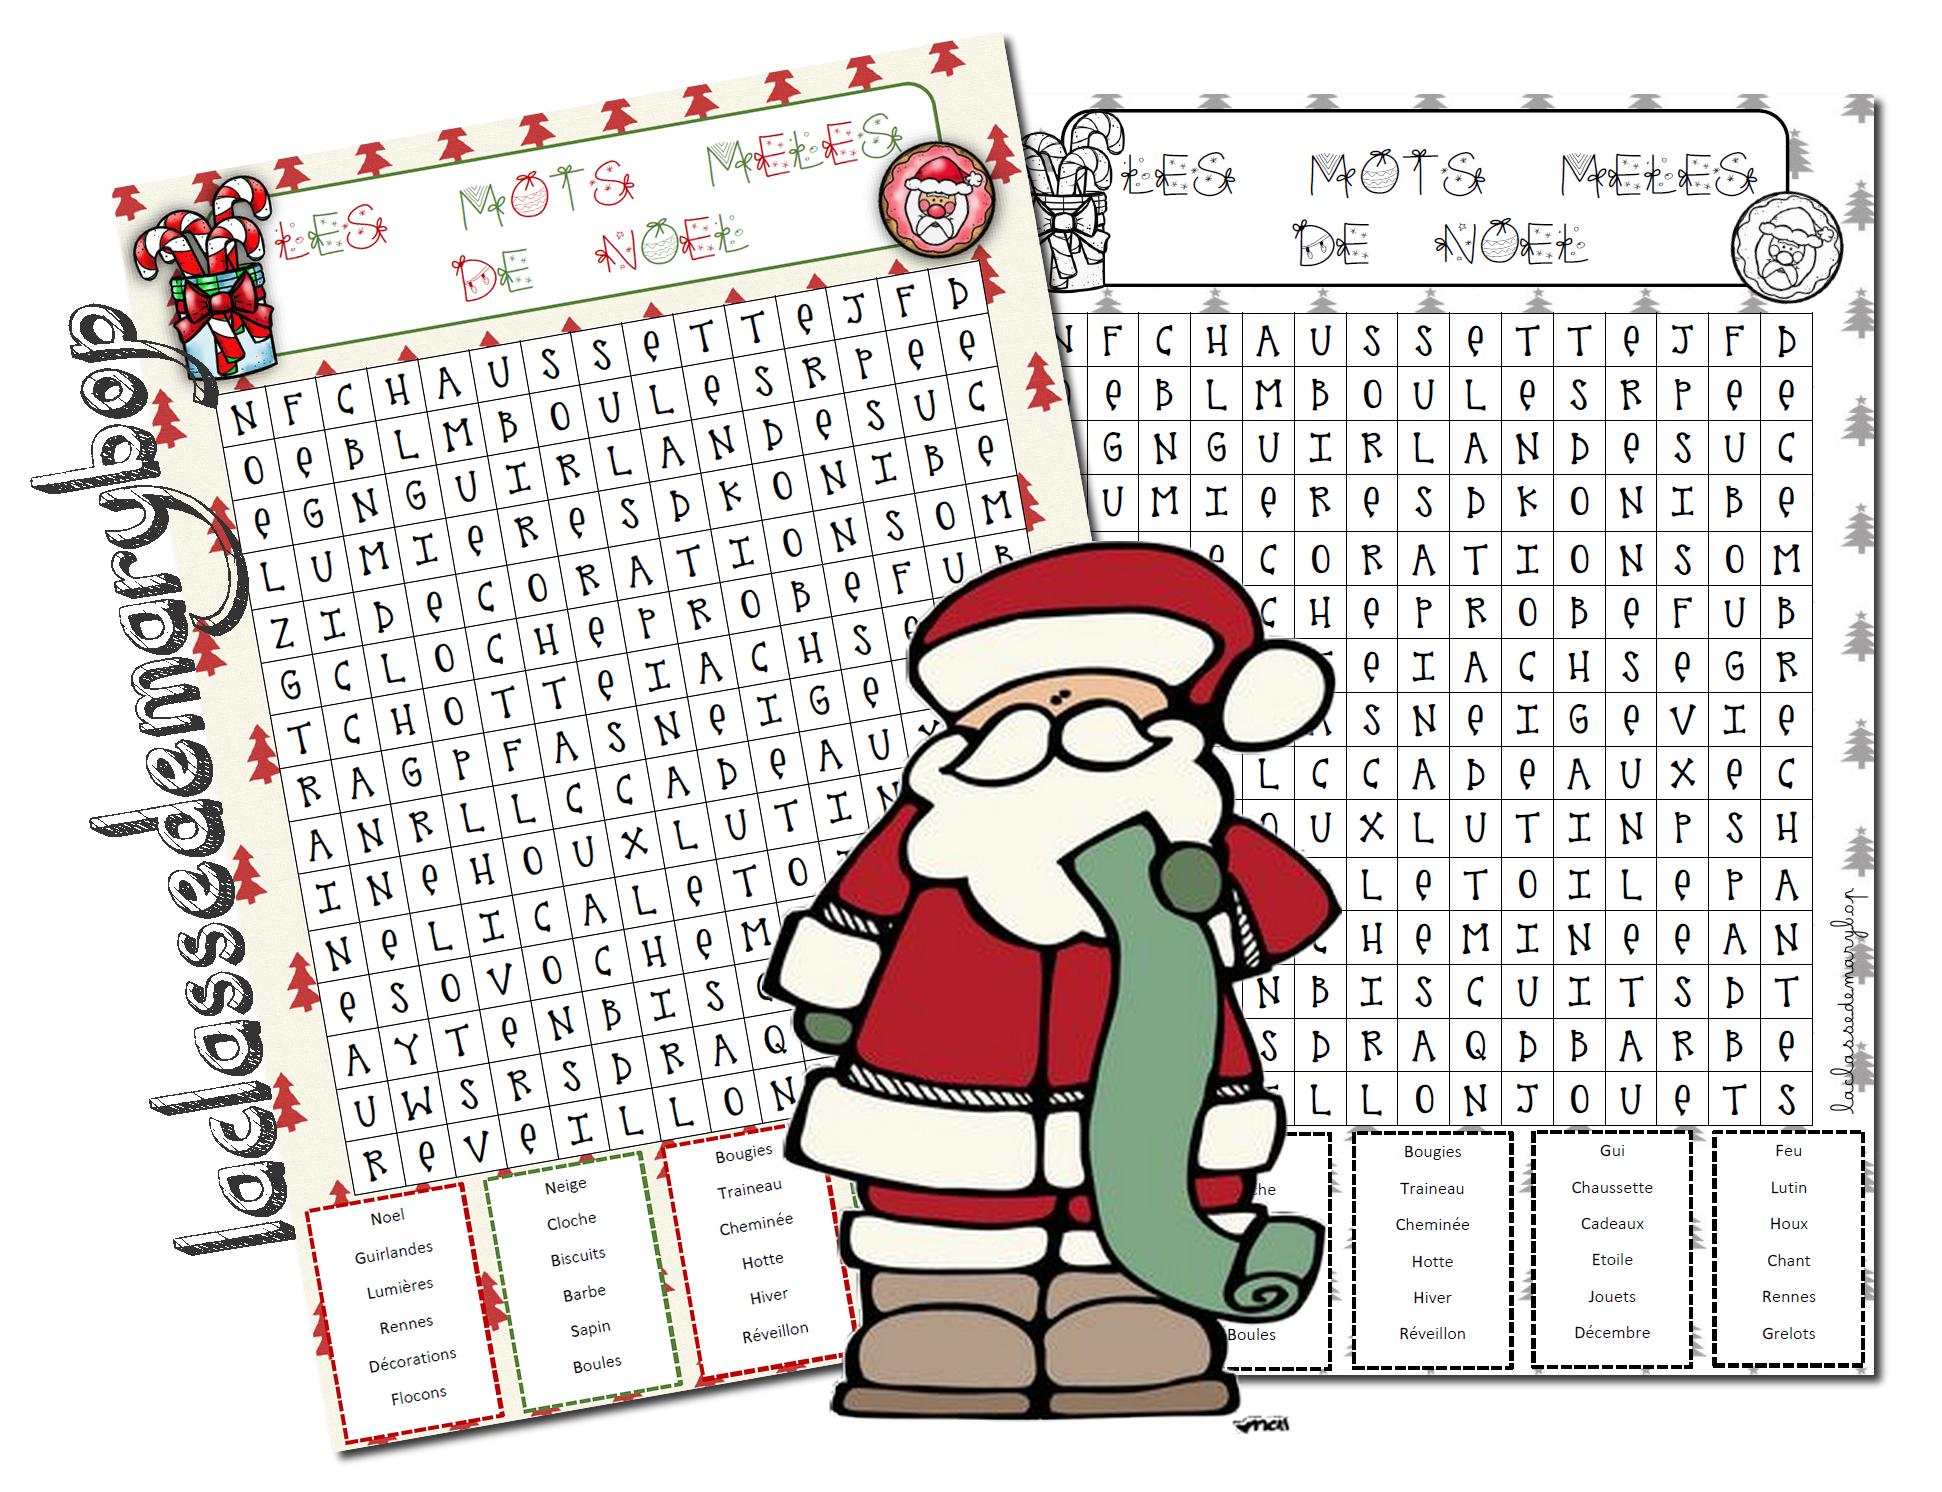 Mots Mêlés De Noel Cycle 3 - La Classe De Marybop dedans Mots Mélés À Imprimer Cm1